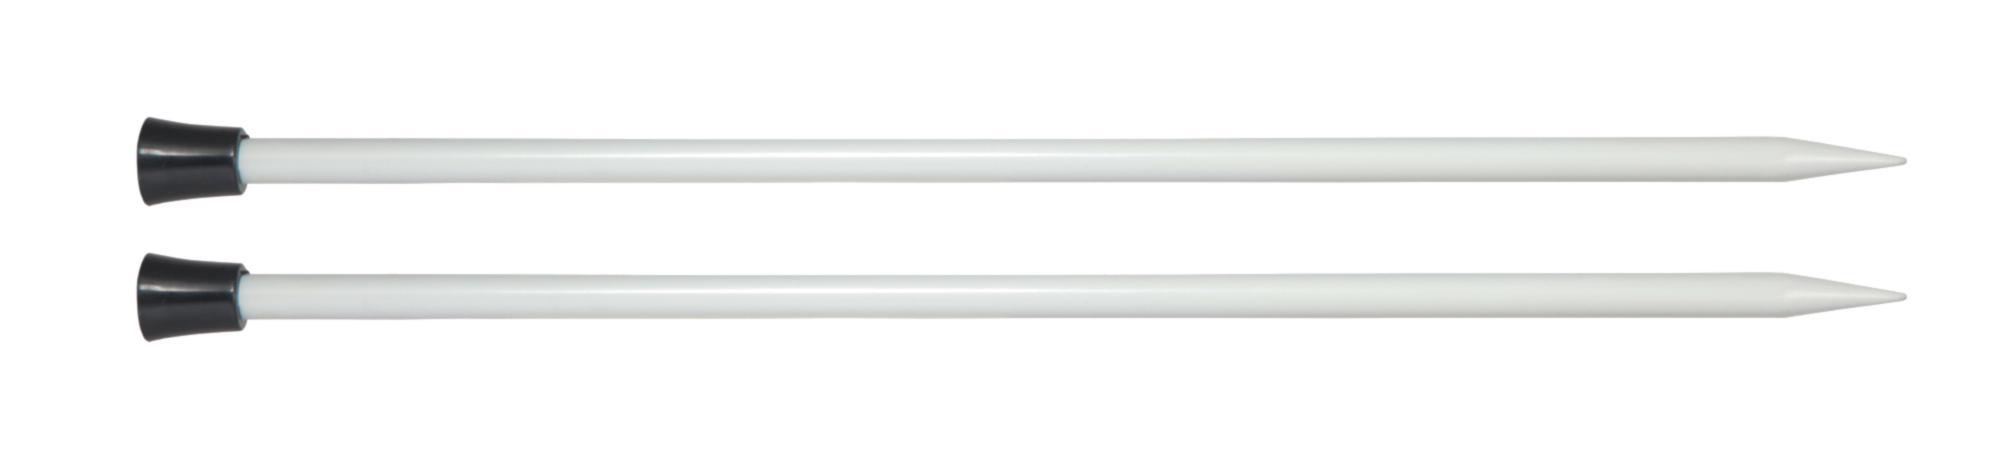 Спицы прямые 40 см Basix Aluminium KnitPro, 45291, 3.75 мм